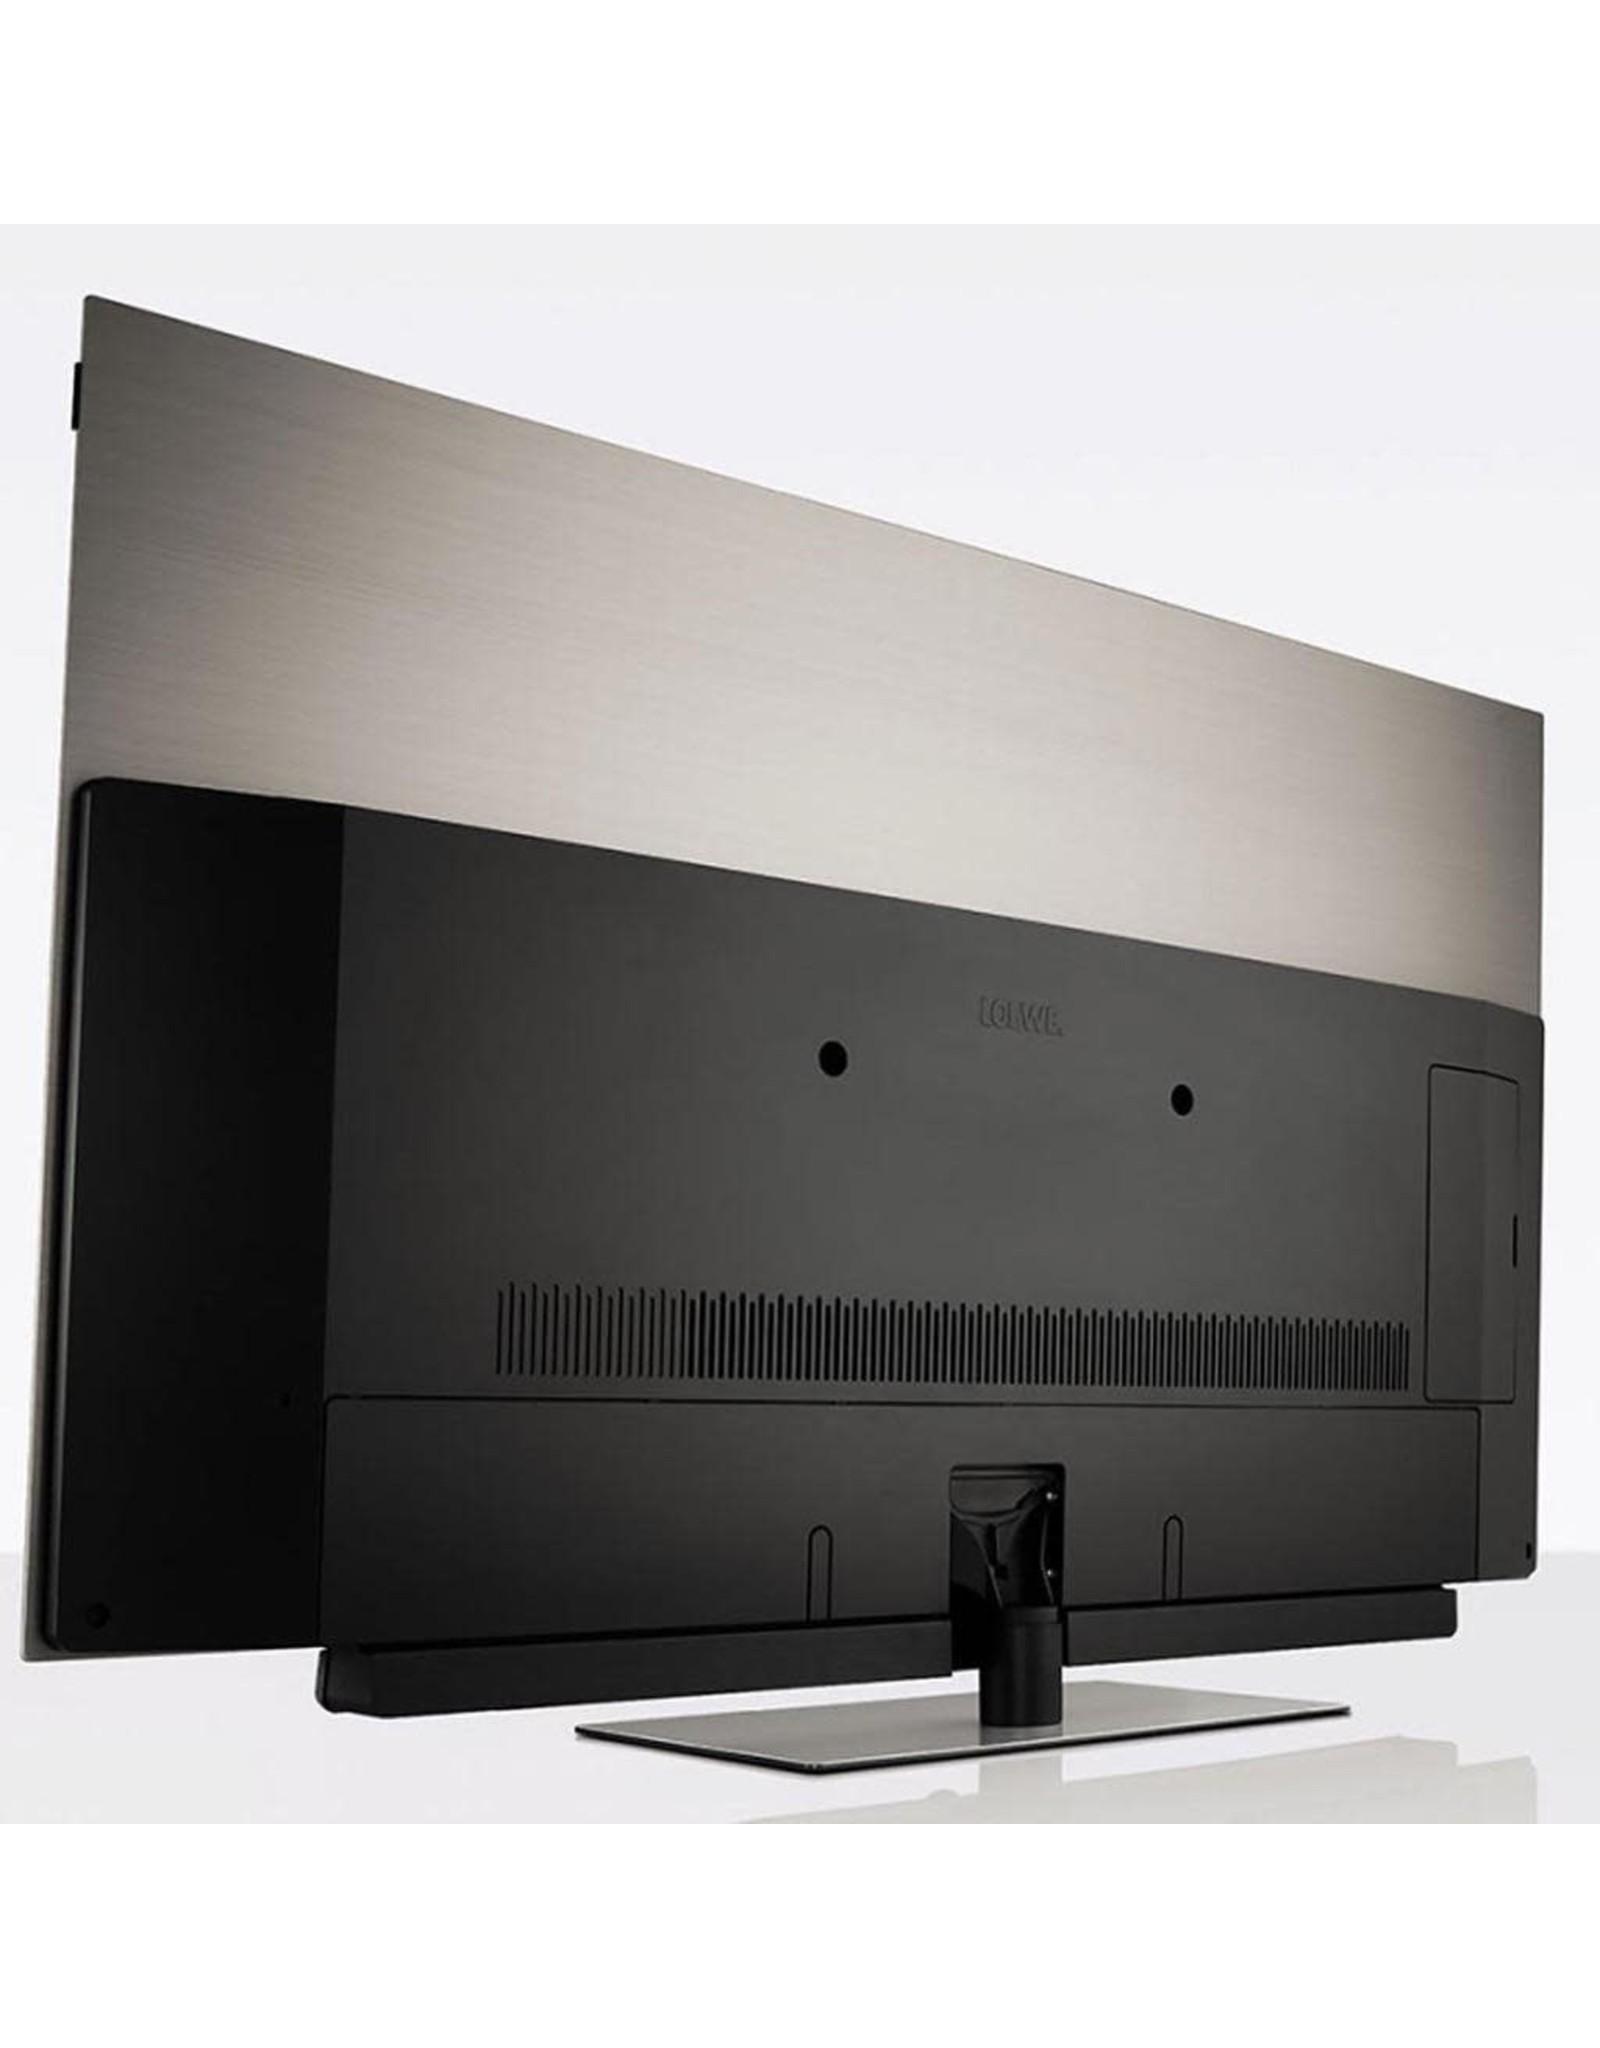 LOEWE LOEWE bild 3.55 UHD OLED Television